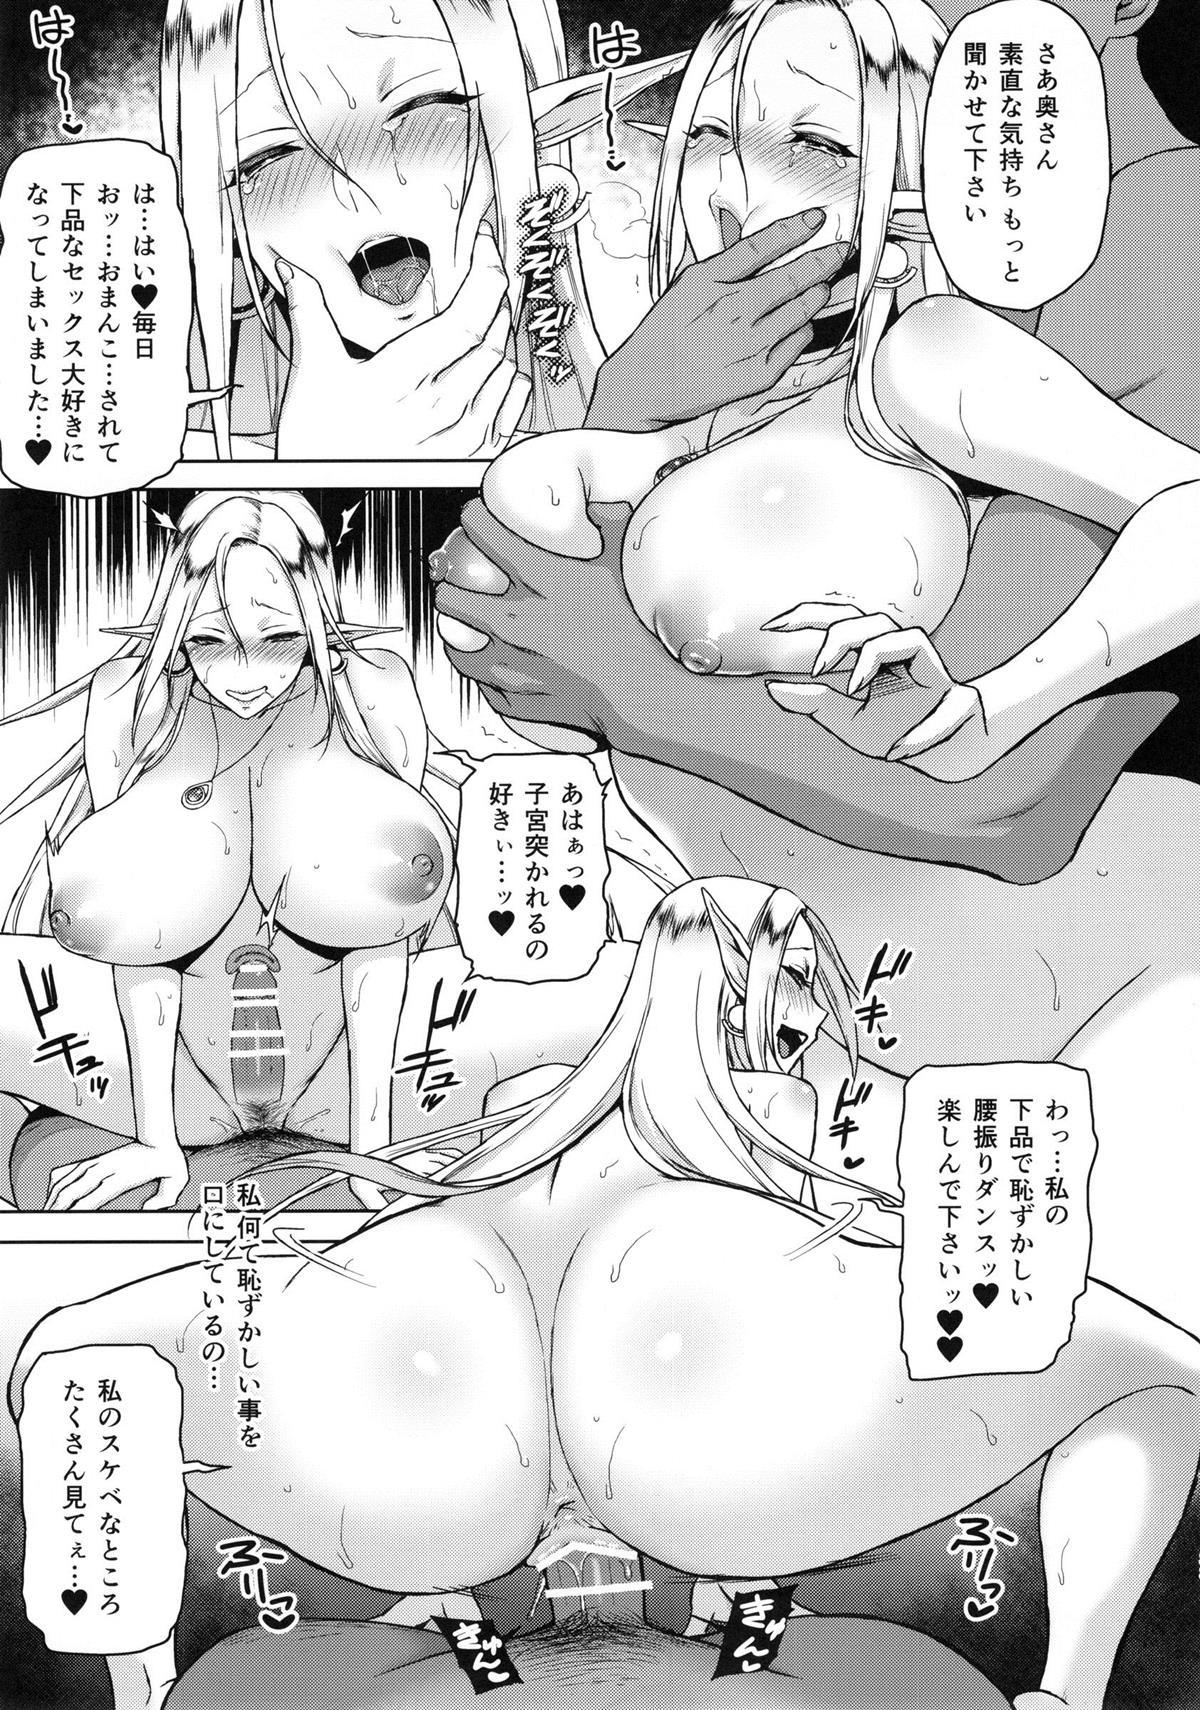 【エロ漫画】我が子を守るために、人間に体を差し出すエルフの巨乳人妻www【無料 エロ同人誌】 (32)